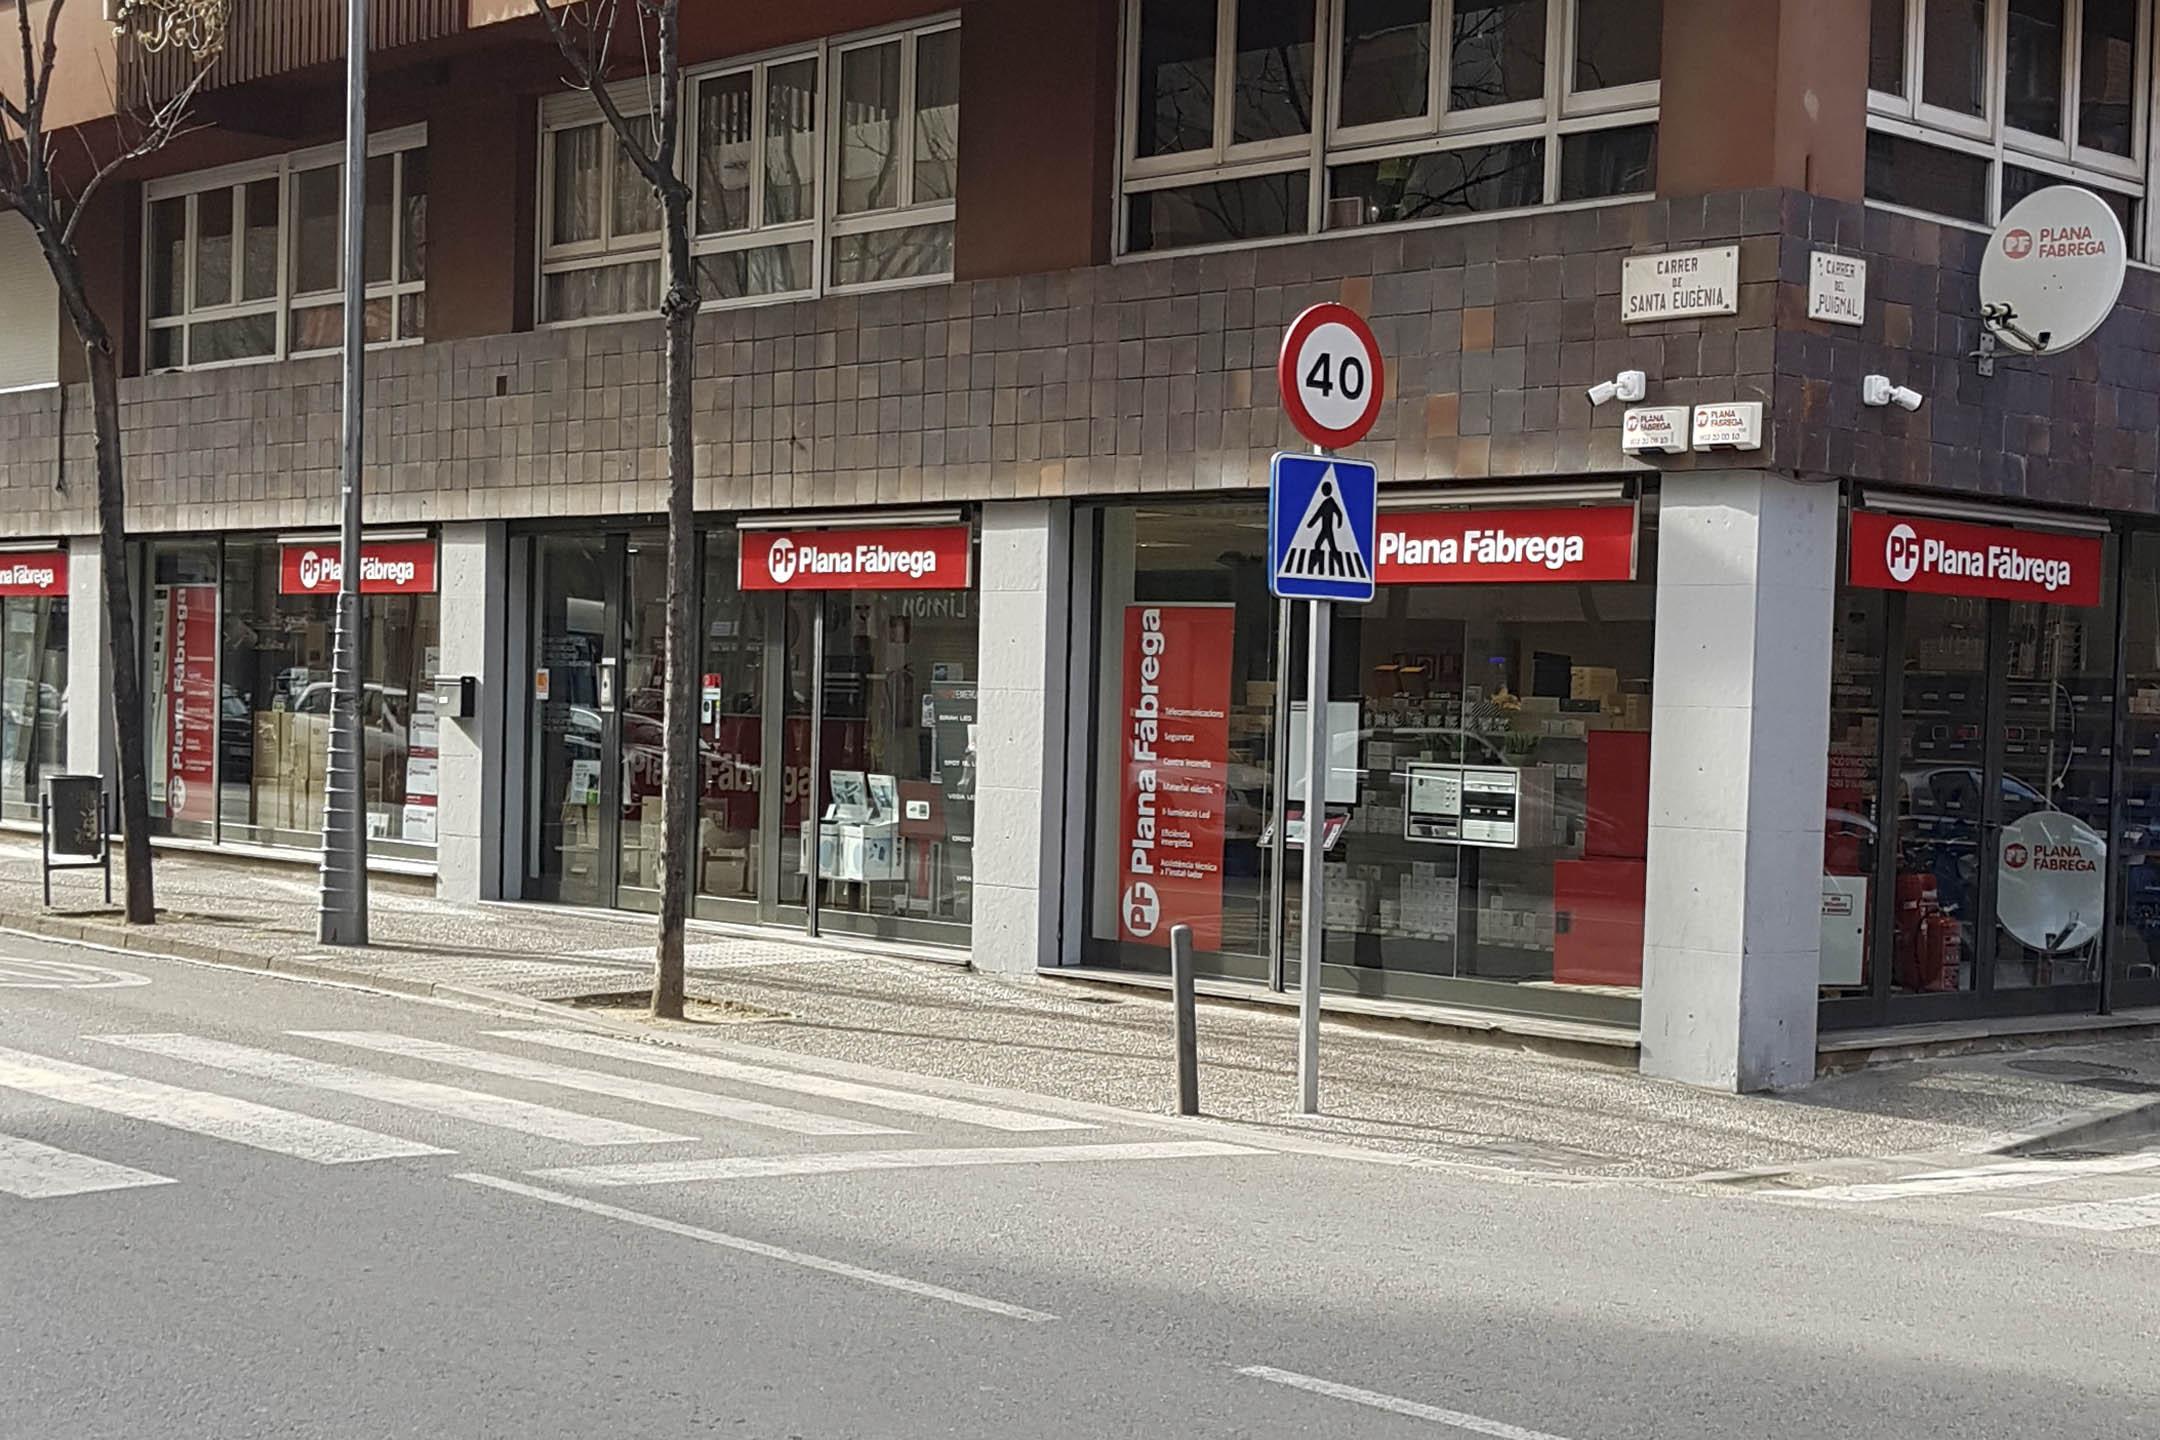 Plana Fàbrega Girona